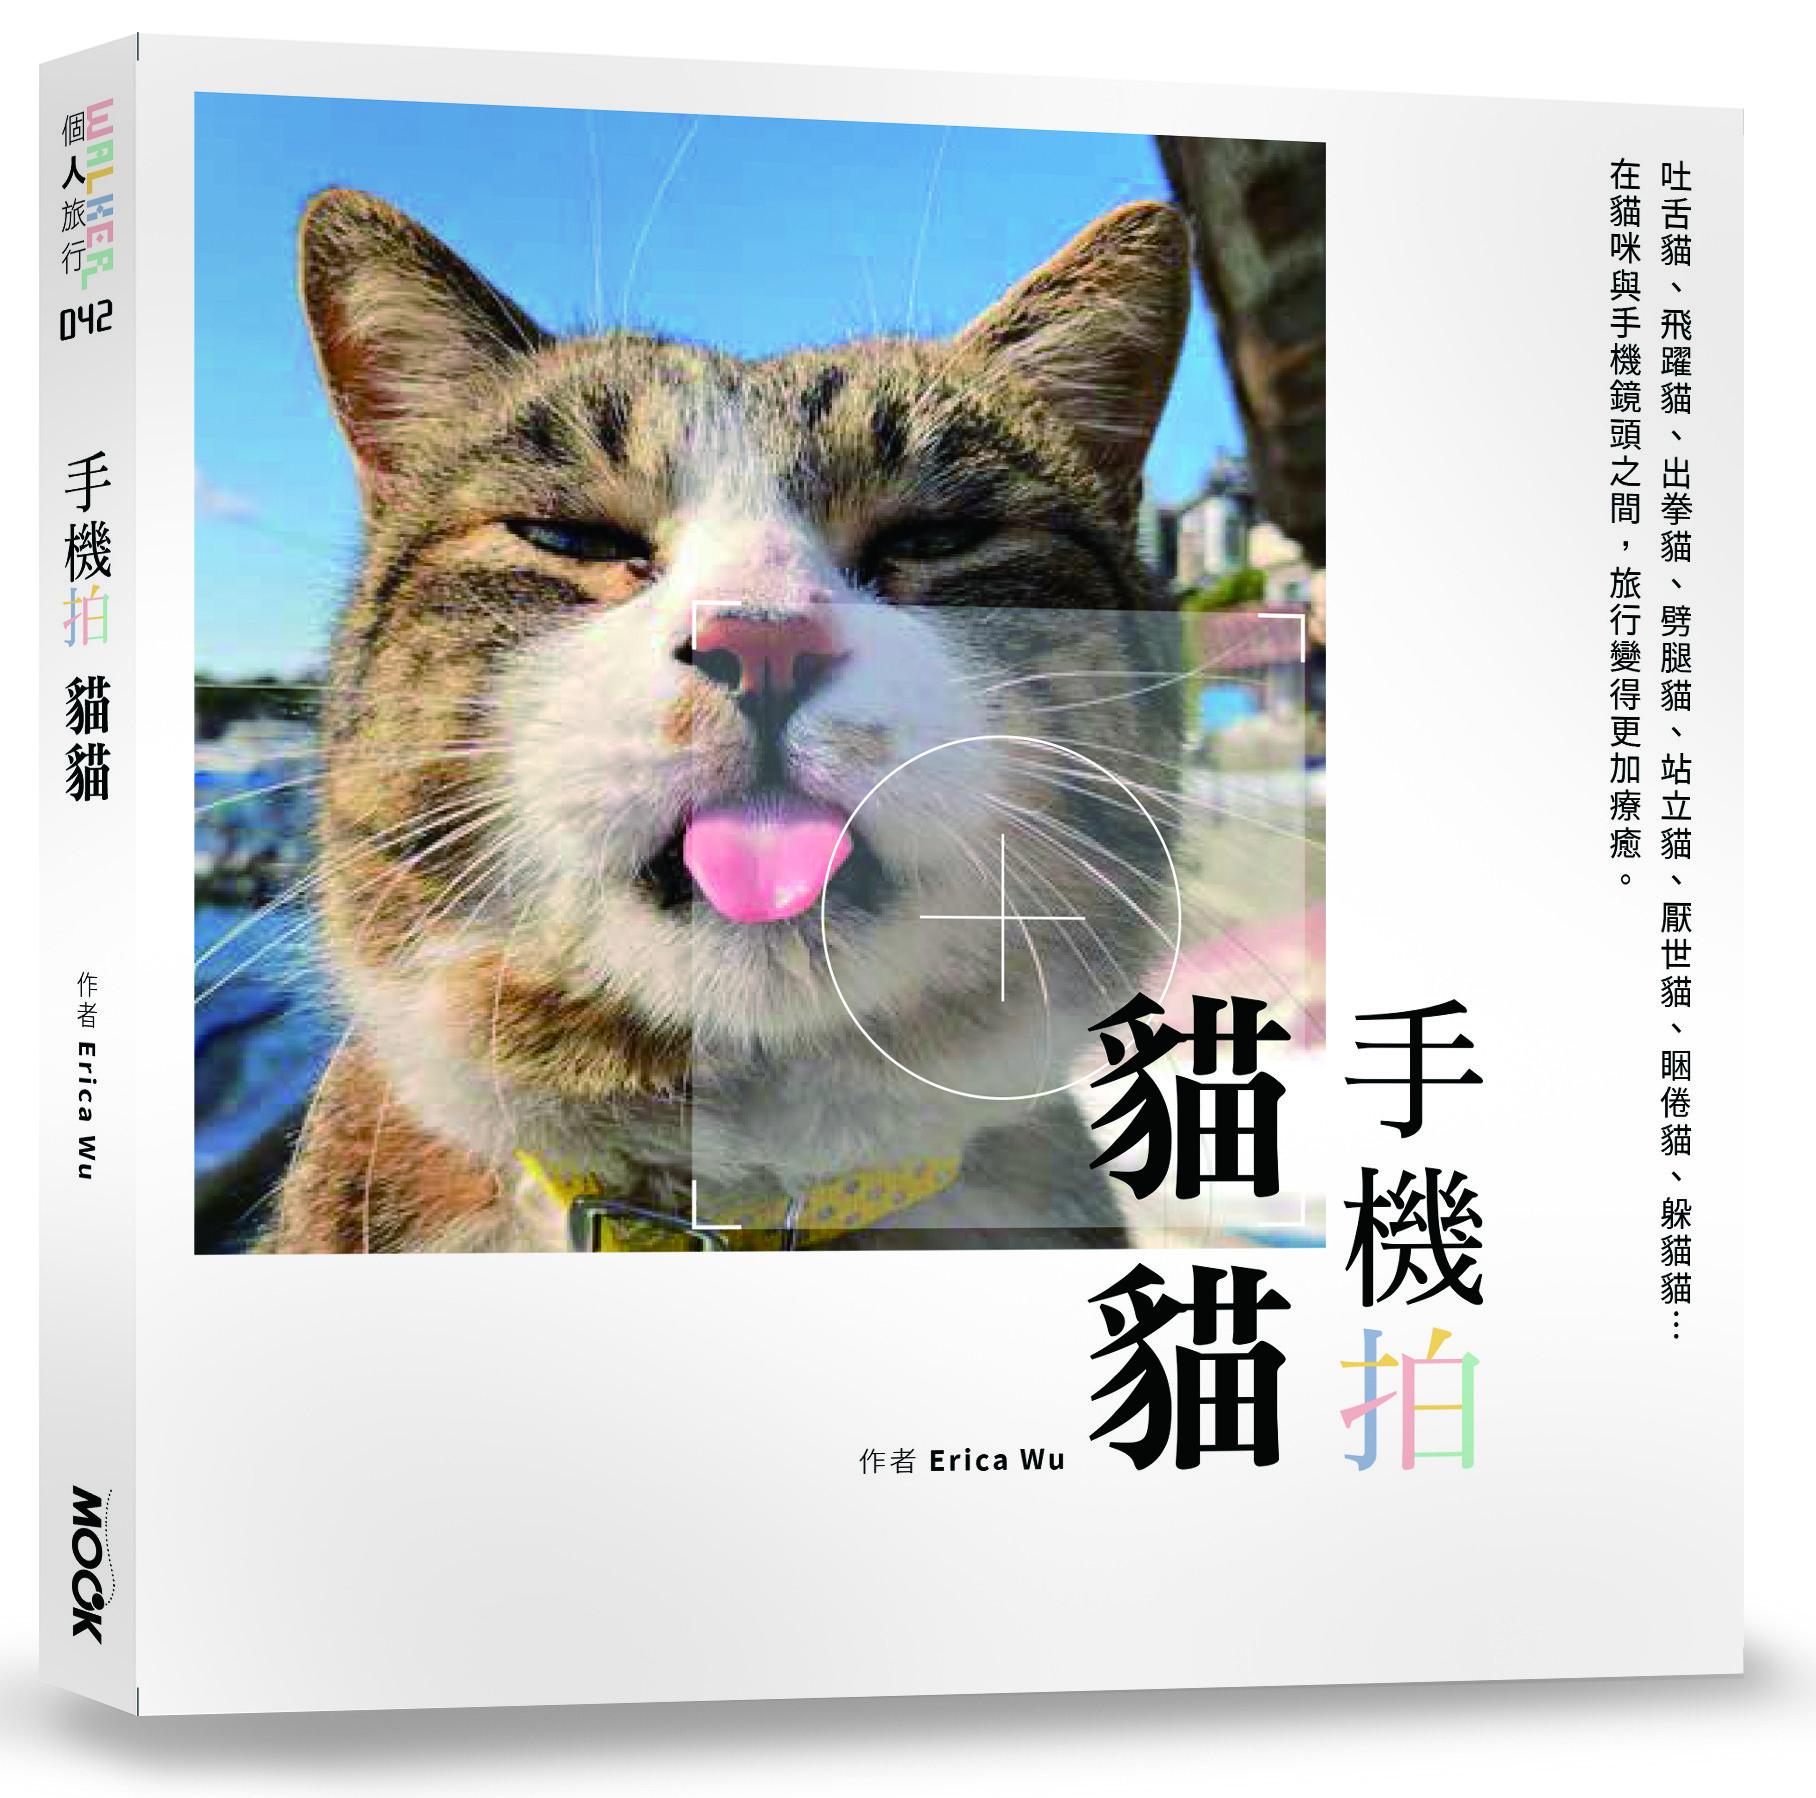 ▲▼書籍《手機拍貓貓》。(圖/墨刻出版提供,請勿隨意翻拍,以免侵權。)